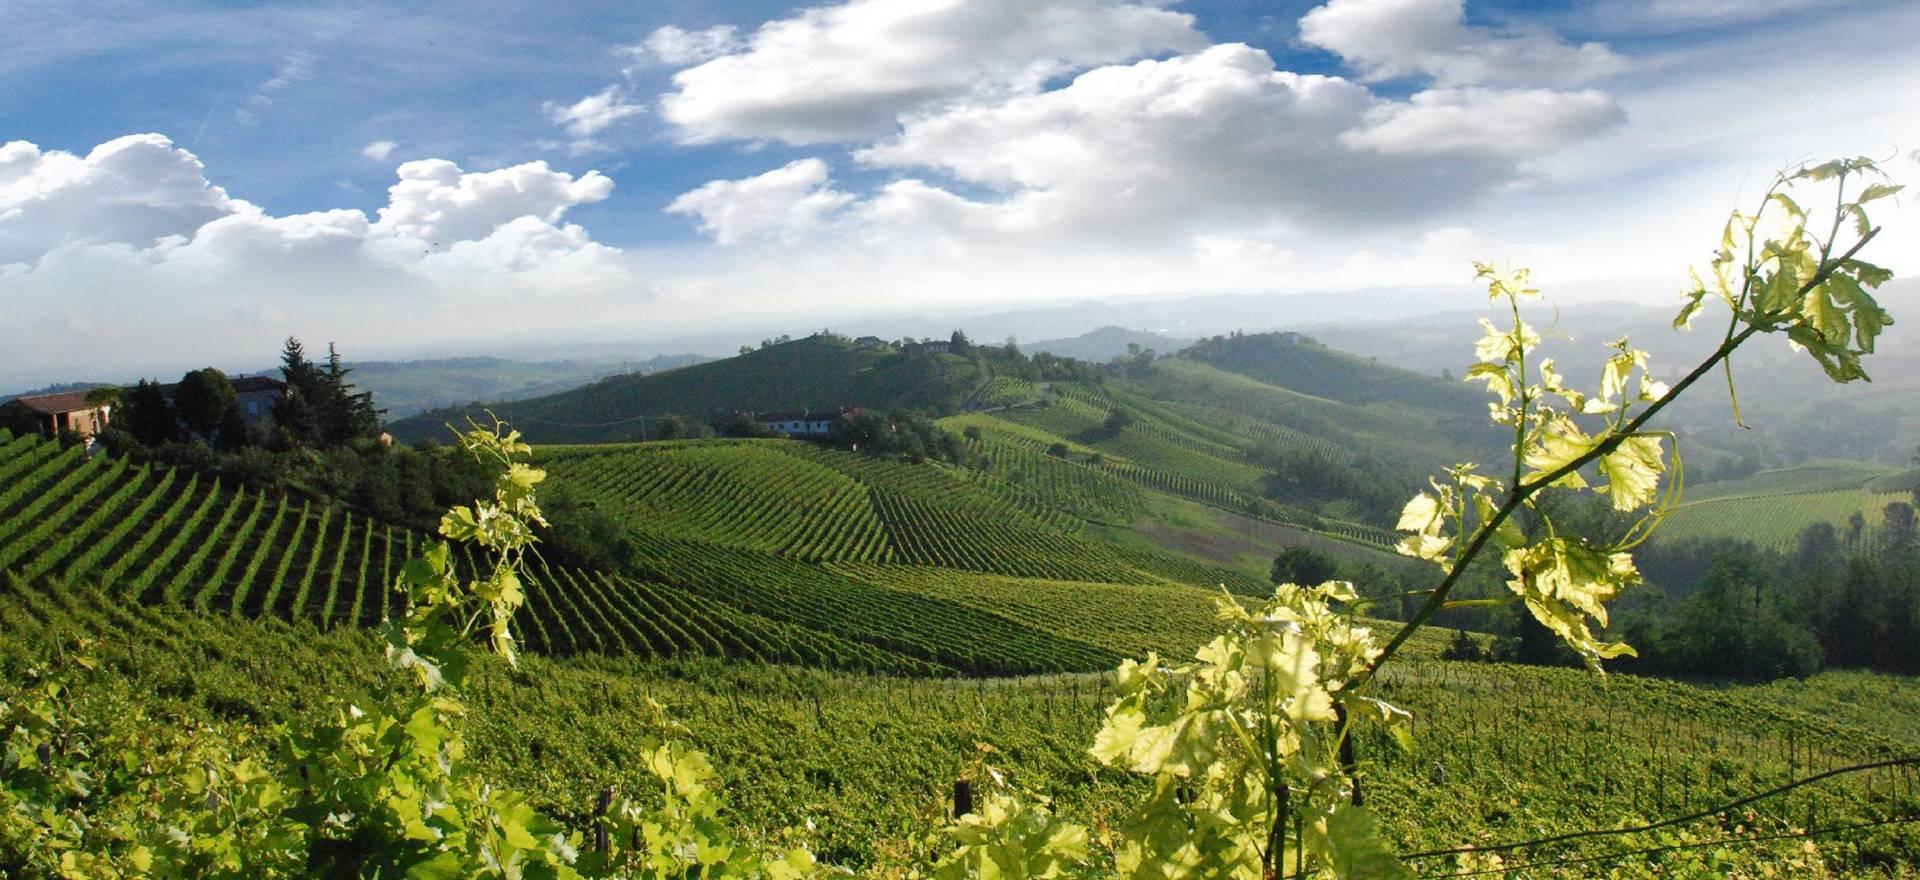 Agriturismo Piemonte Agriturismo tussen de wijngaarden van Piemonte